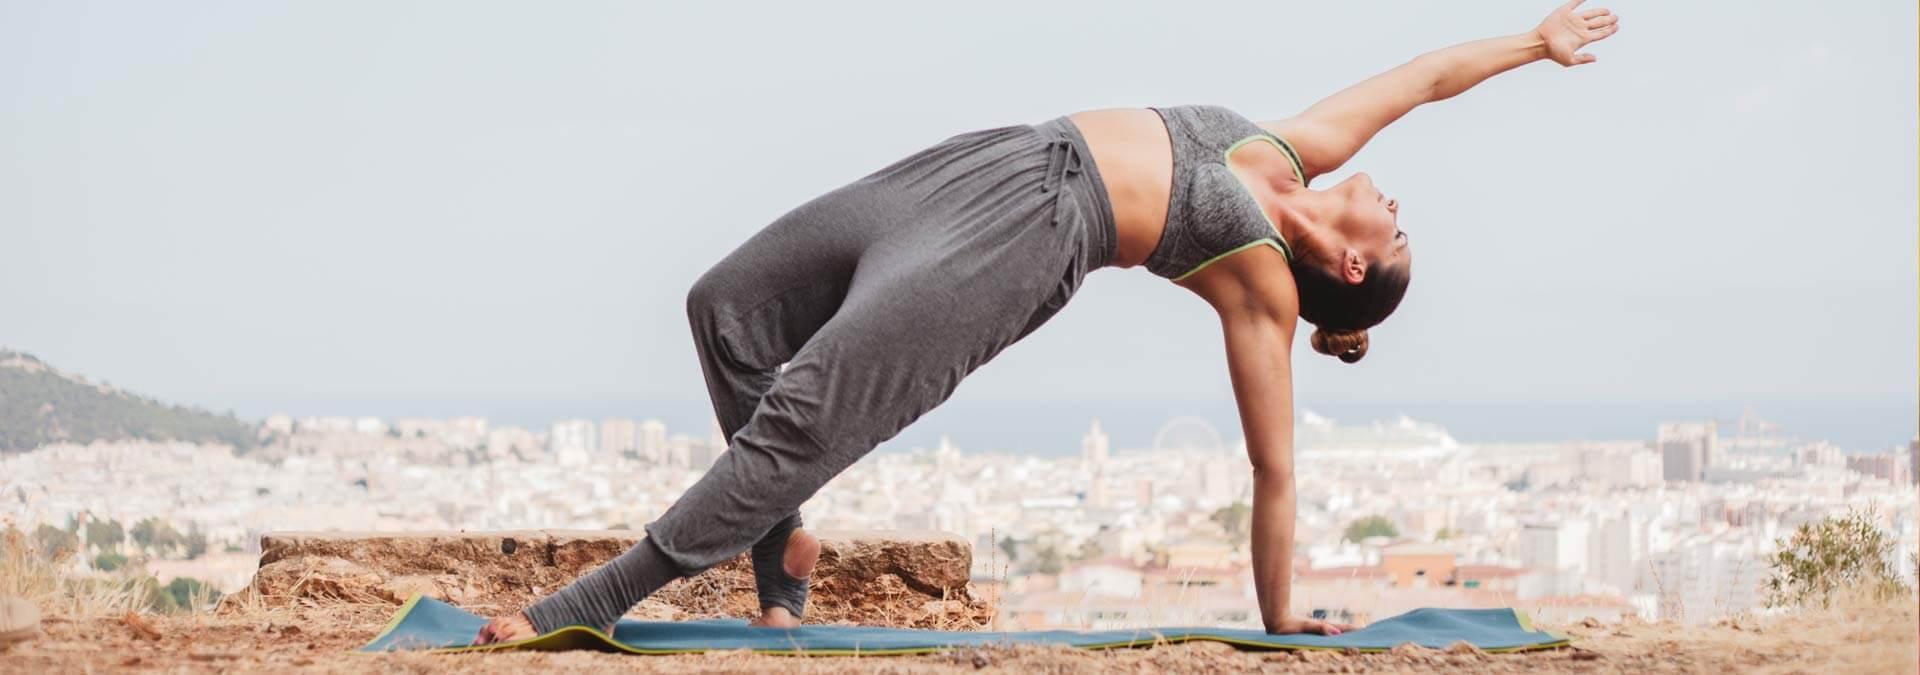 Citaten Filosofie Yoga : Genoeg boeddhistische wijsheden voor elke dag lx